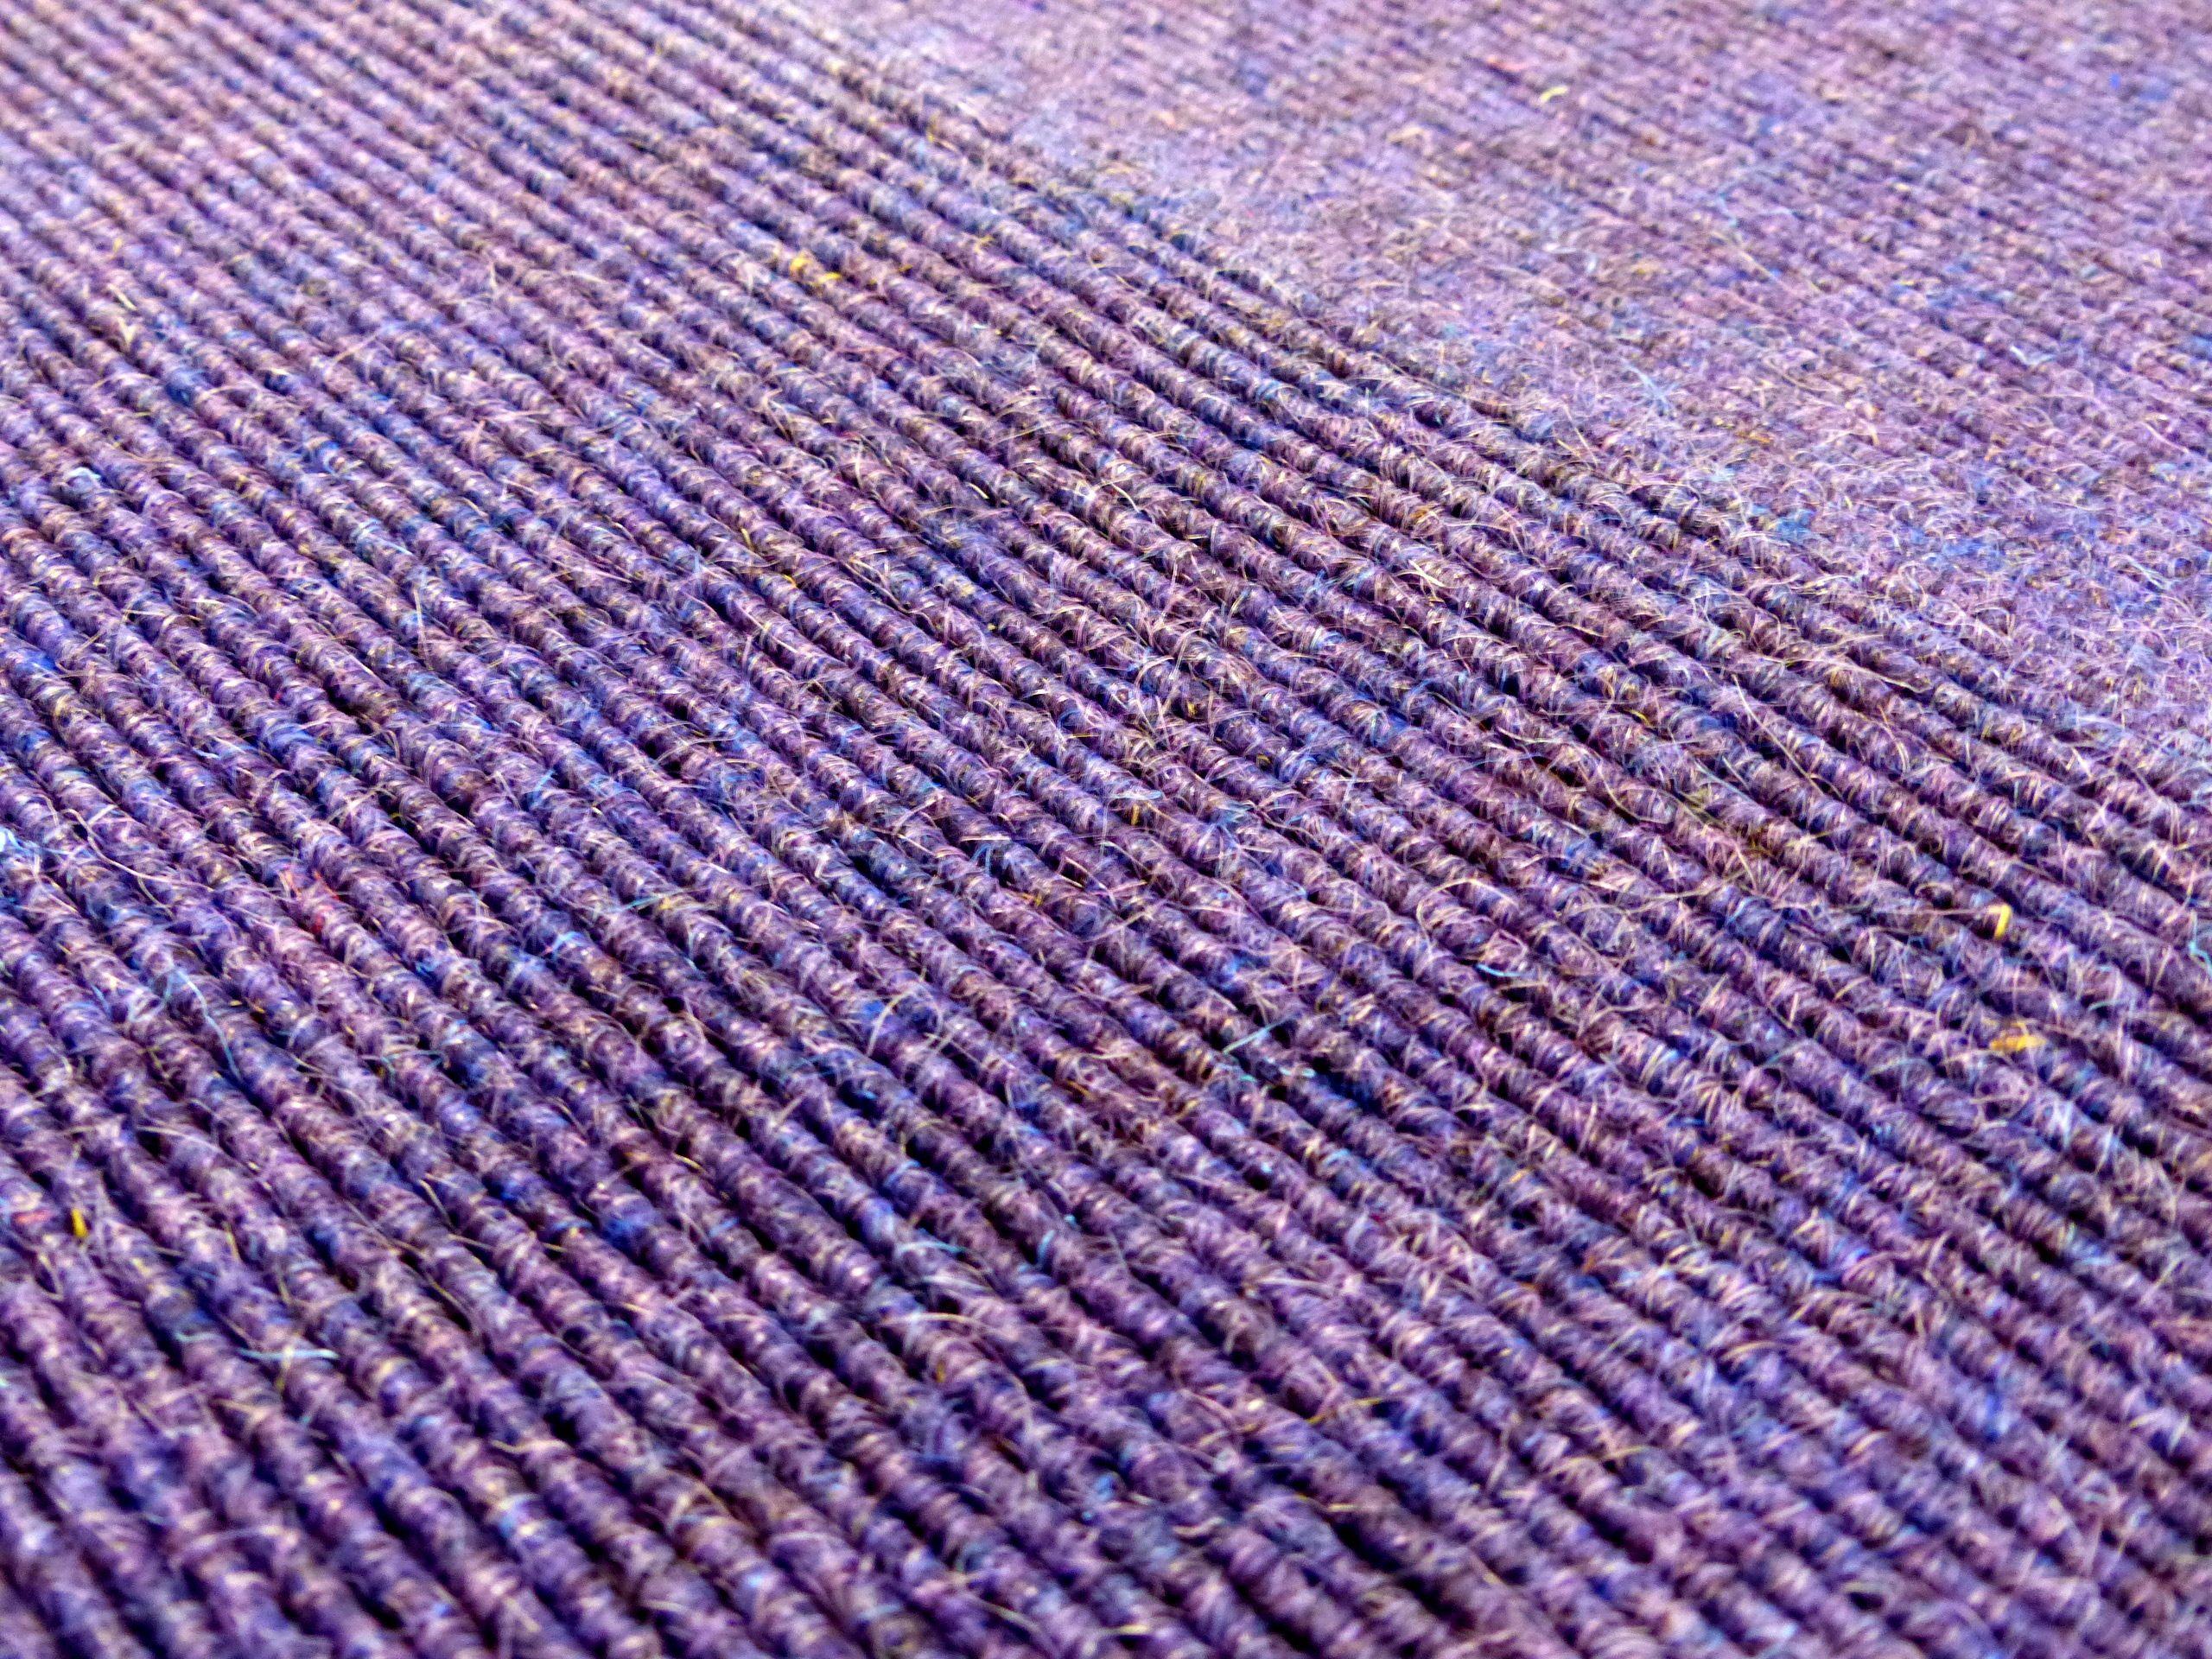 Violett Purple Lila Tretford Teppich Aus 80 Ziegenhaar Alpaka Und 20 Schurwolle Wolle Schönerboden Natürlicherbode Bodenbelag Teppich Raumausstatter